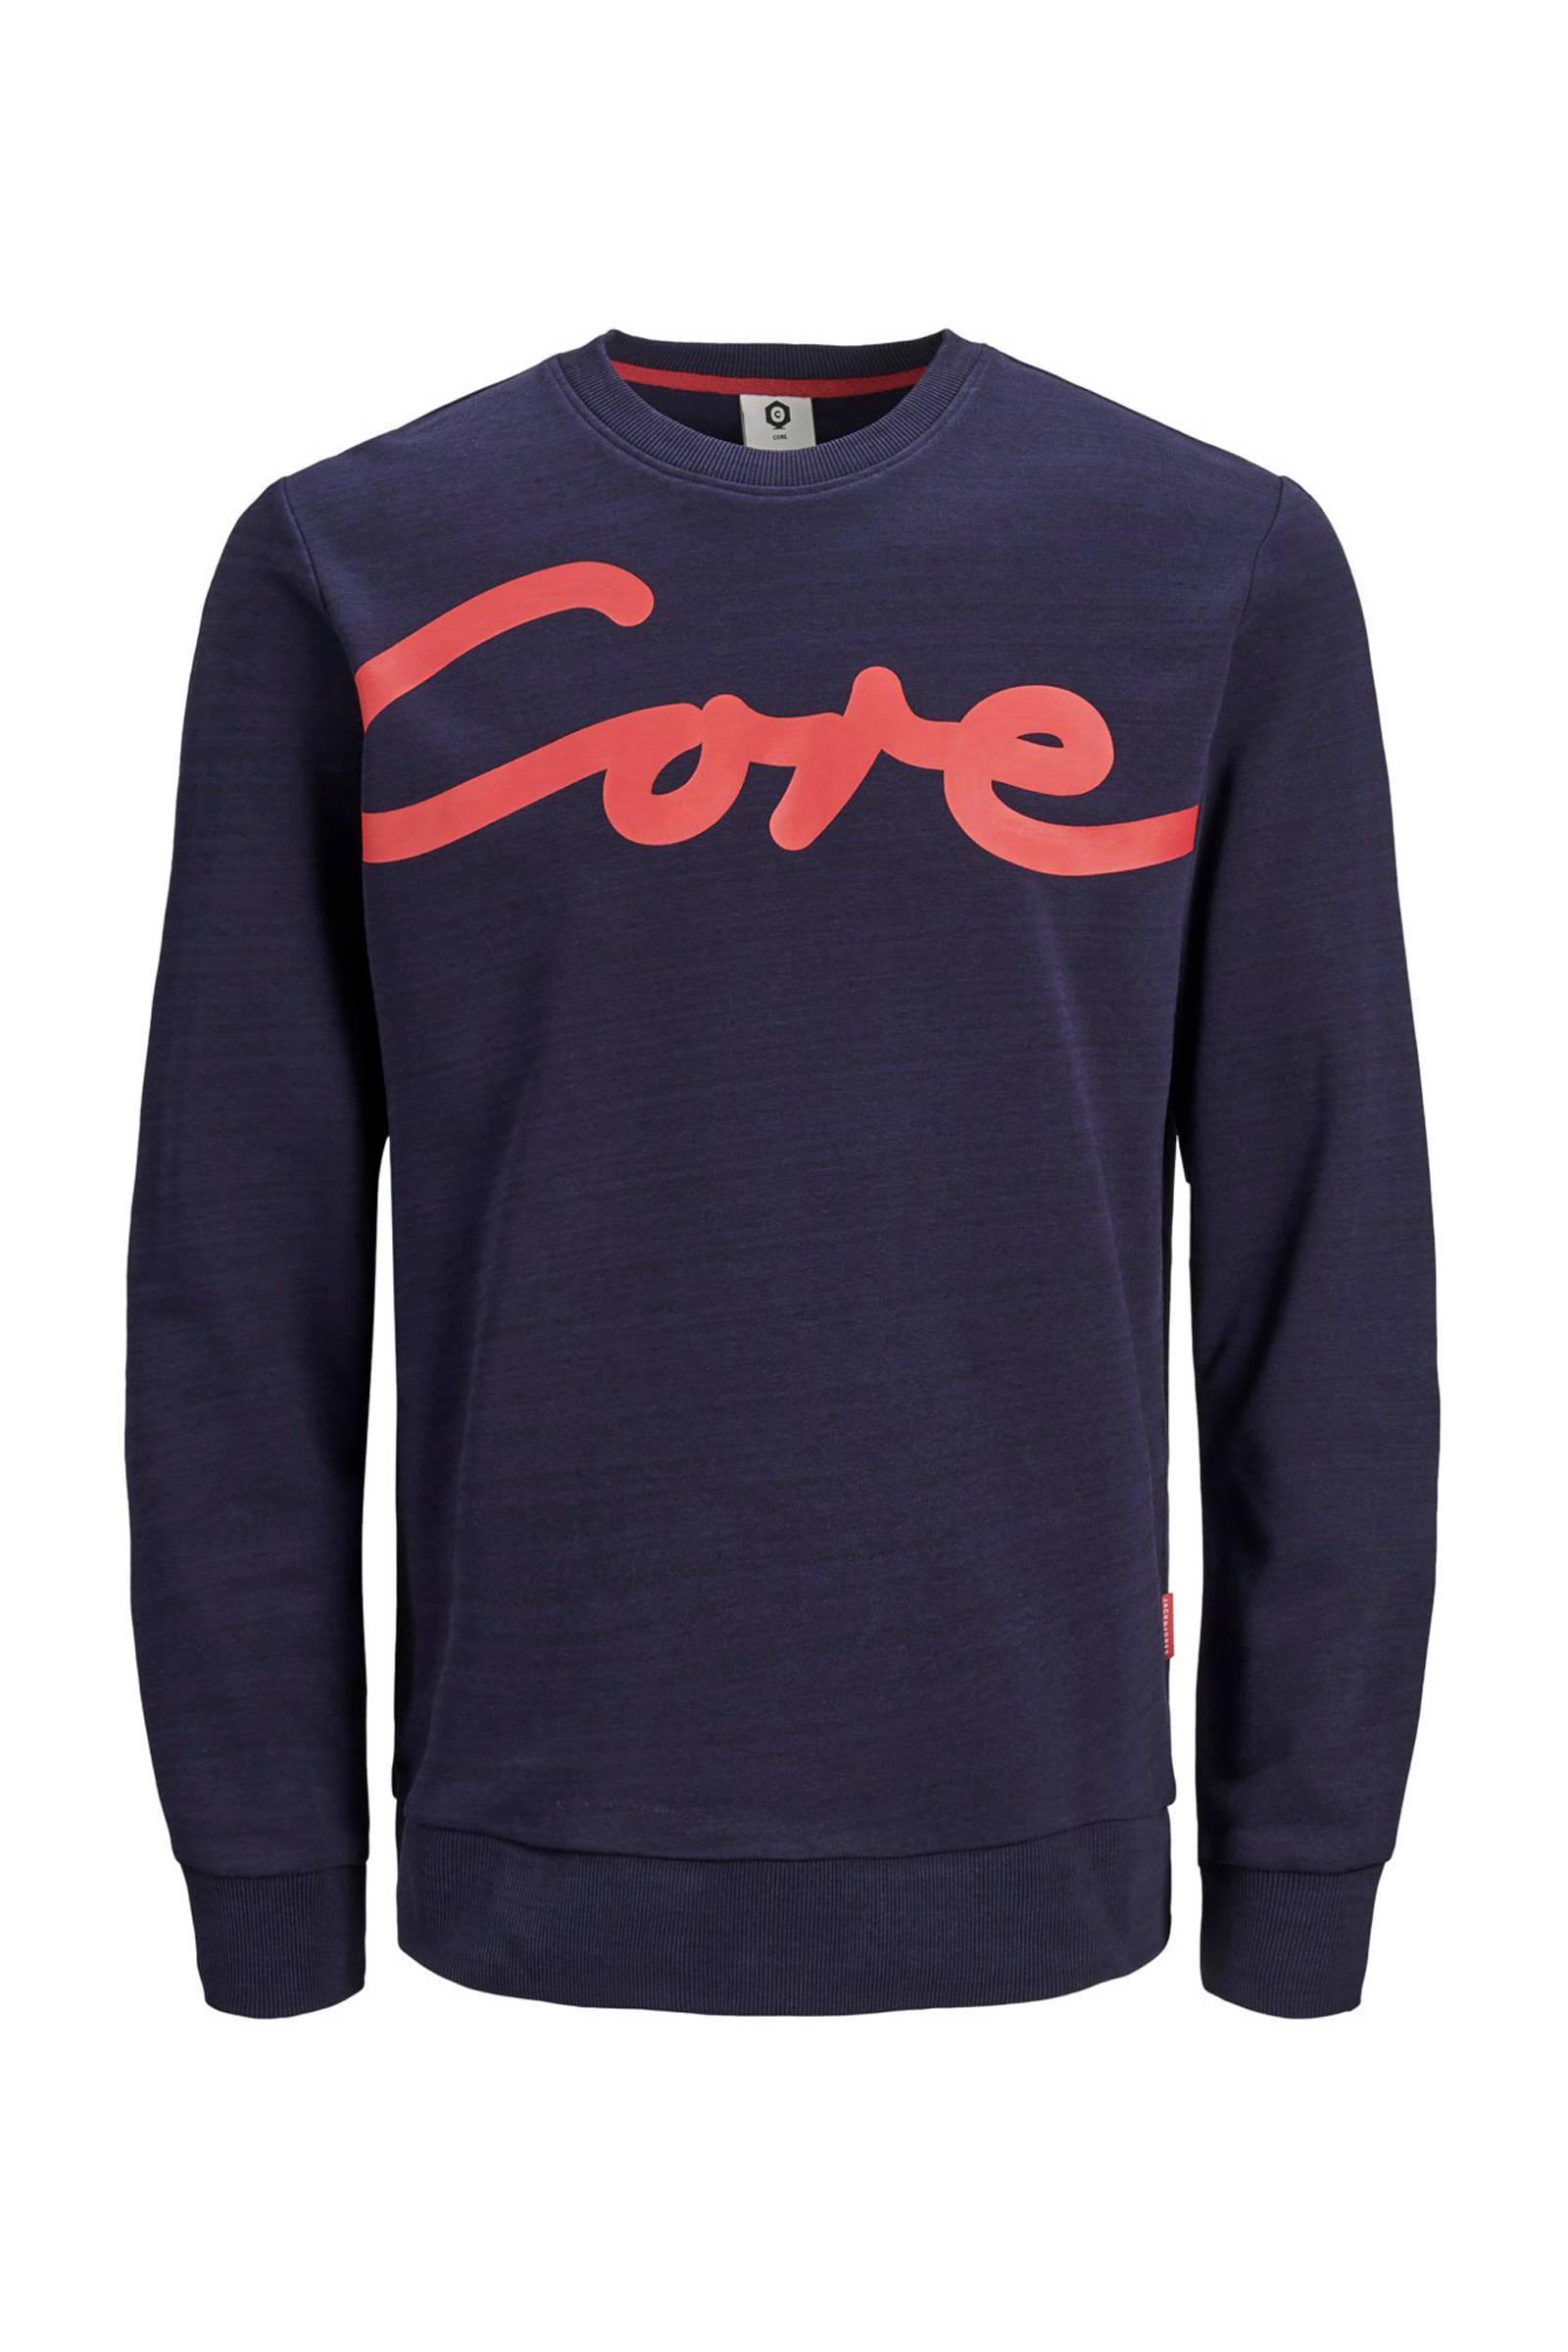 Core Jones printopdruk met sweater Jack aAx4w5qwF